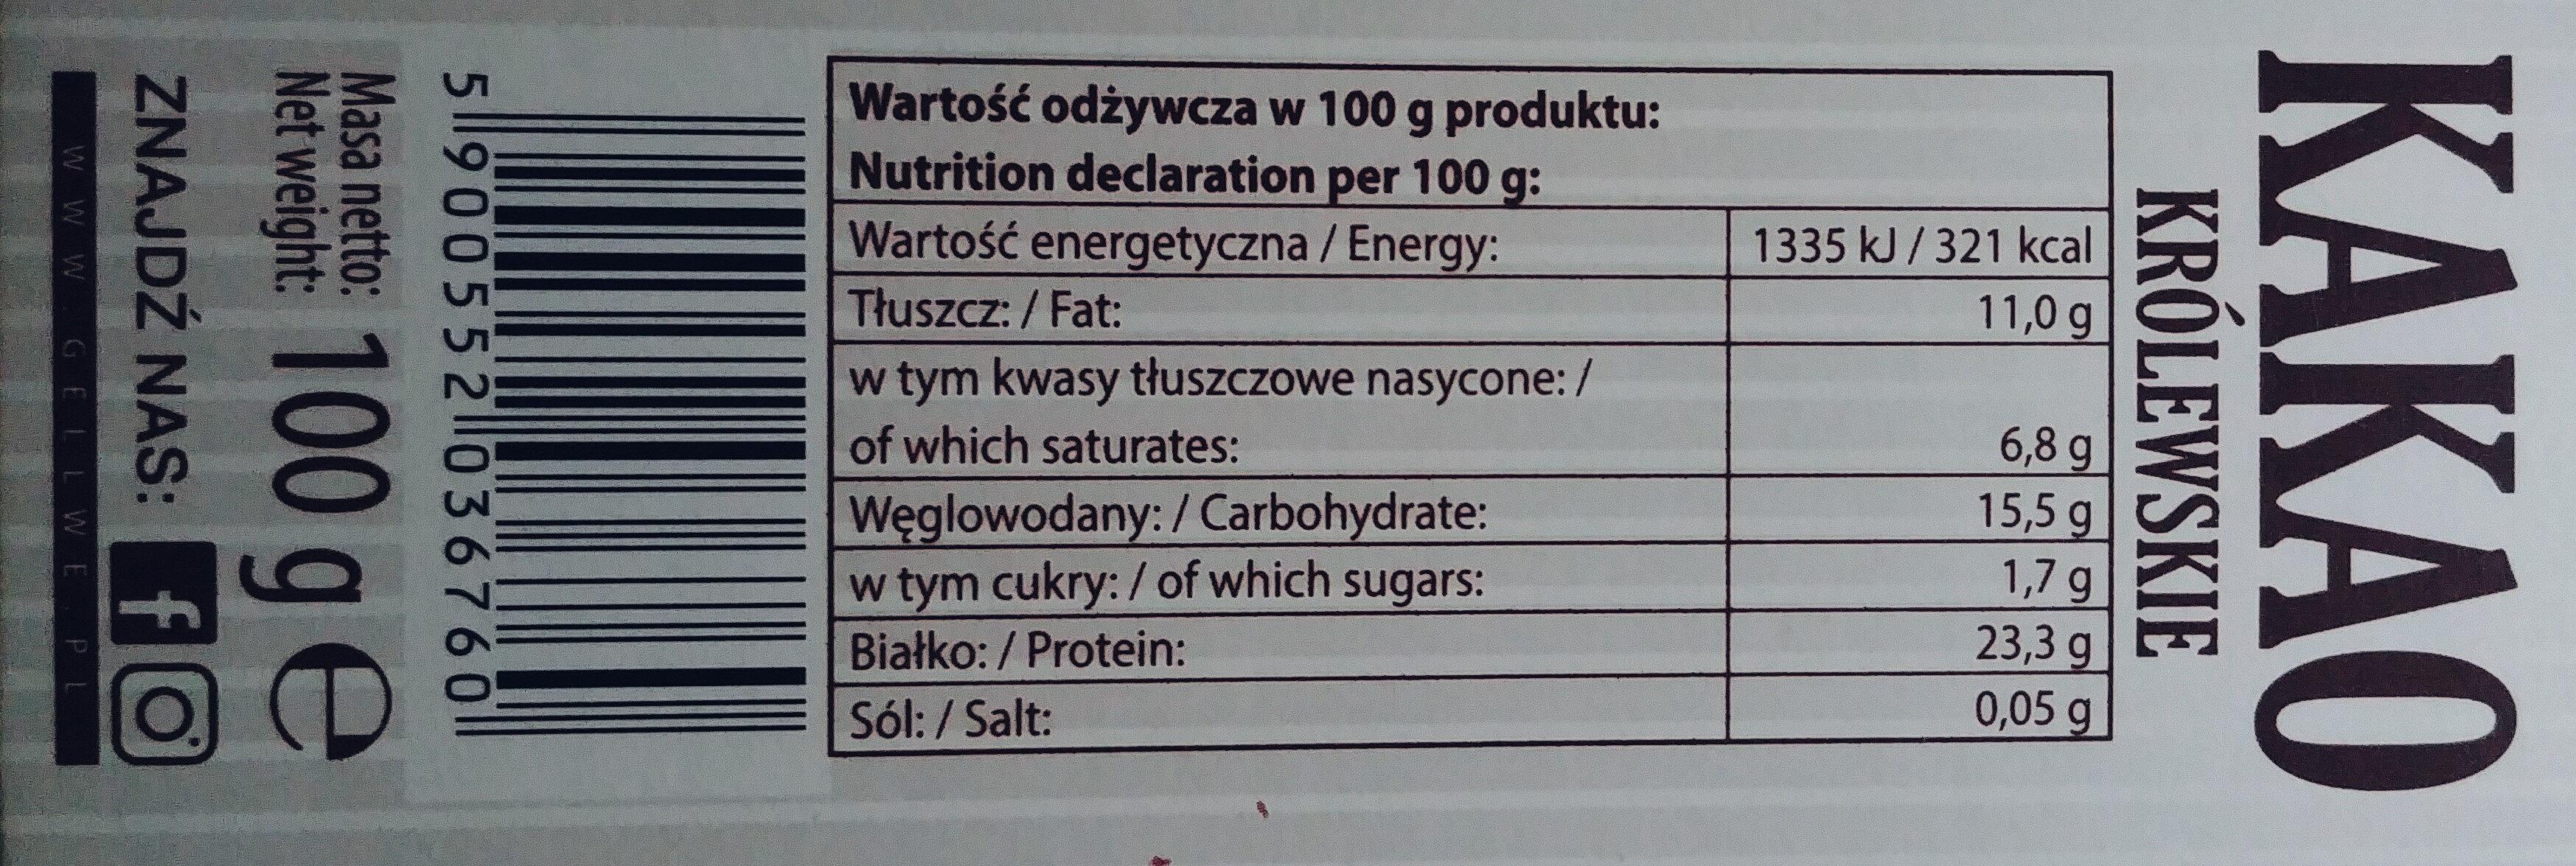 Kakao Royal o obniżonej zawartości tłuszczu - Wartości odżywcze